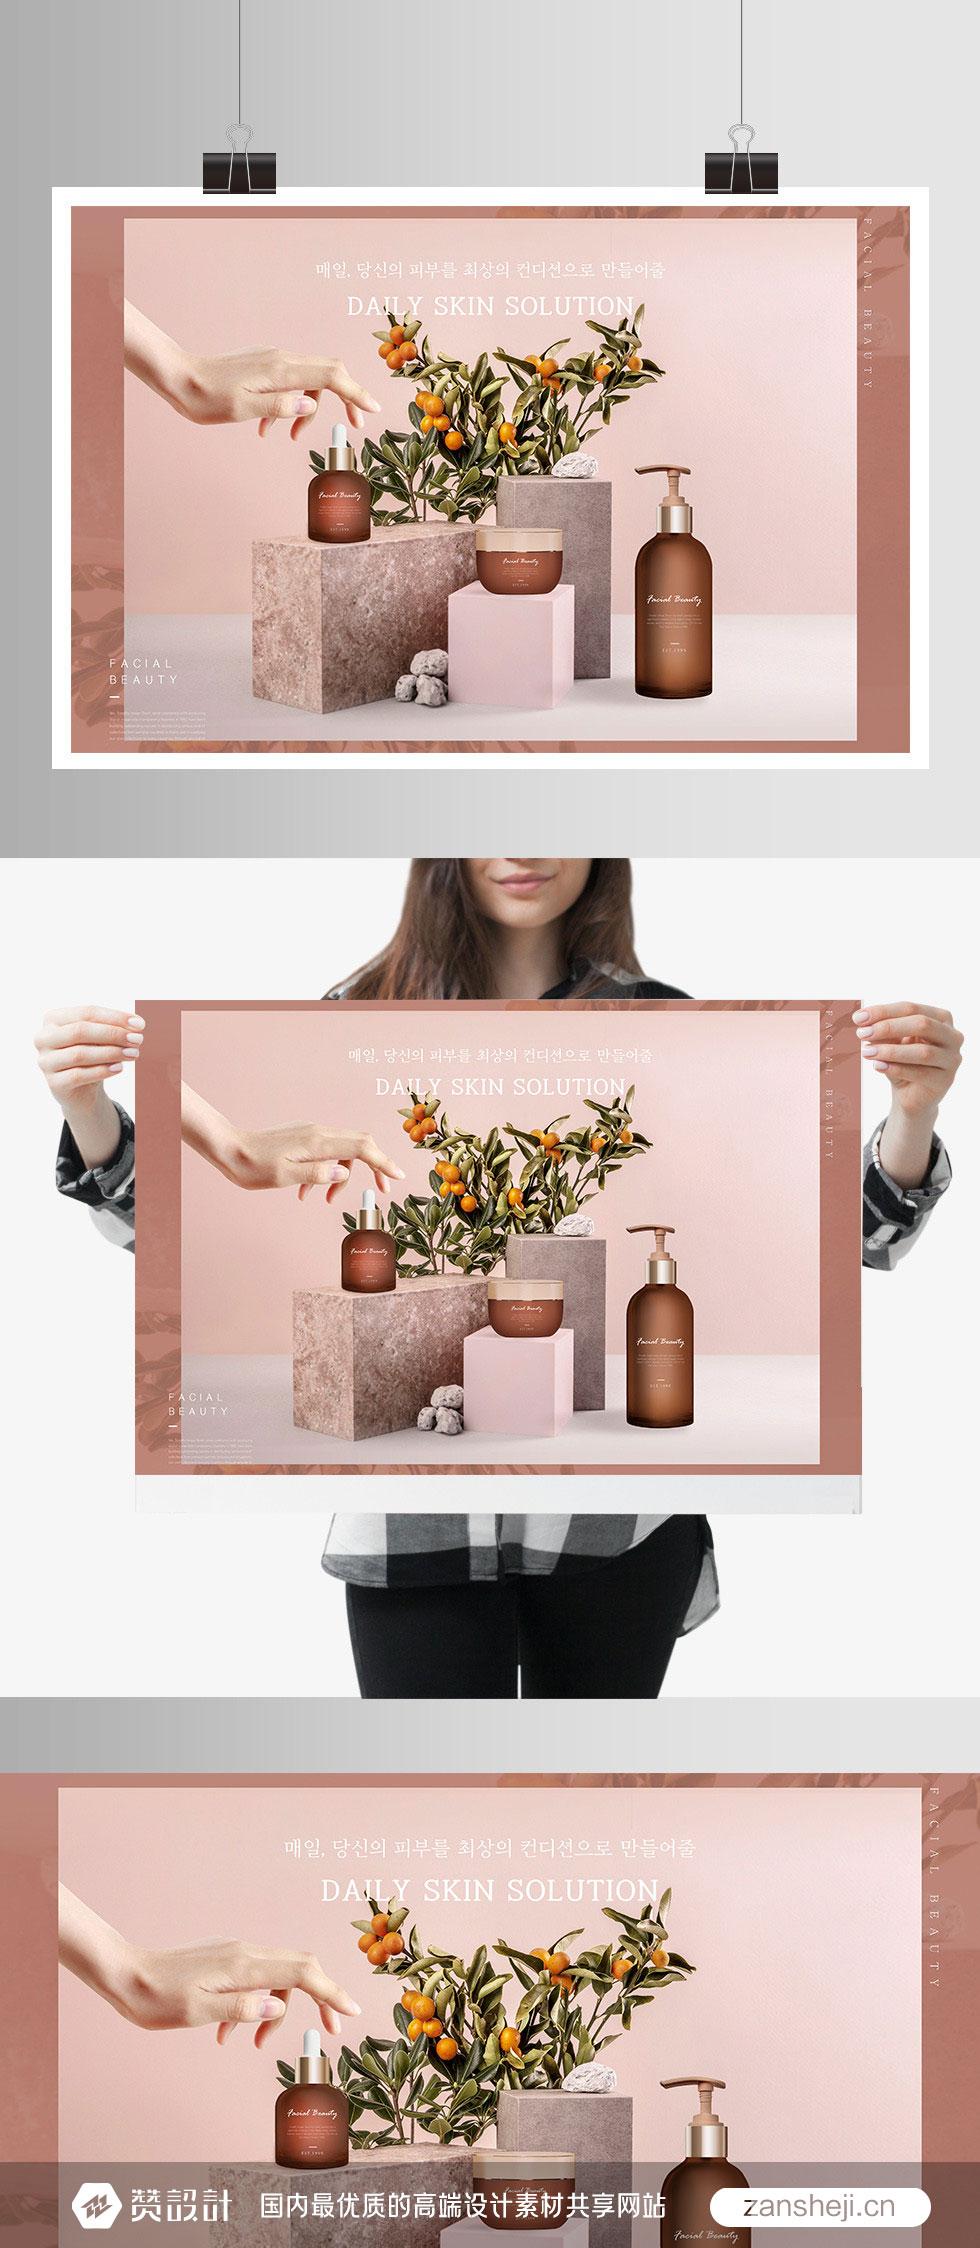 护肤品促销化妆品广告模板